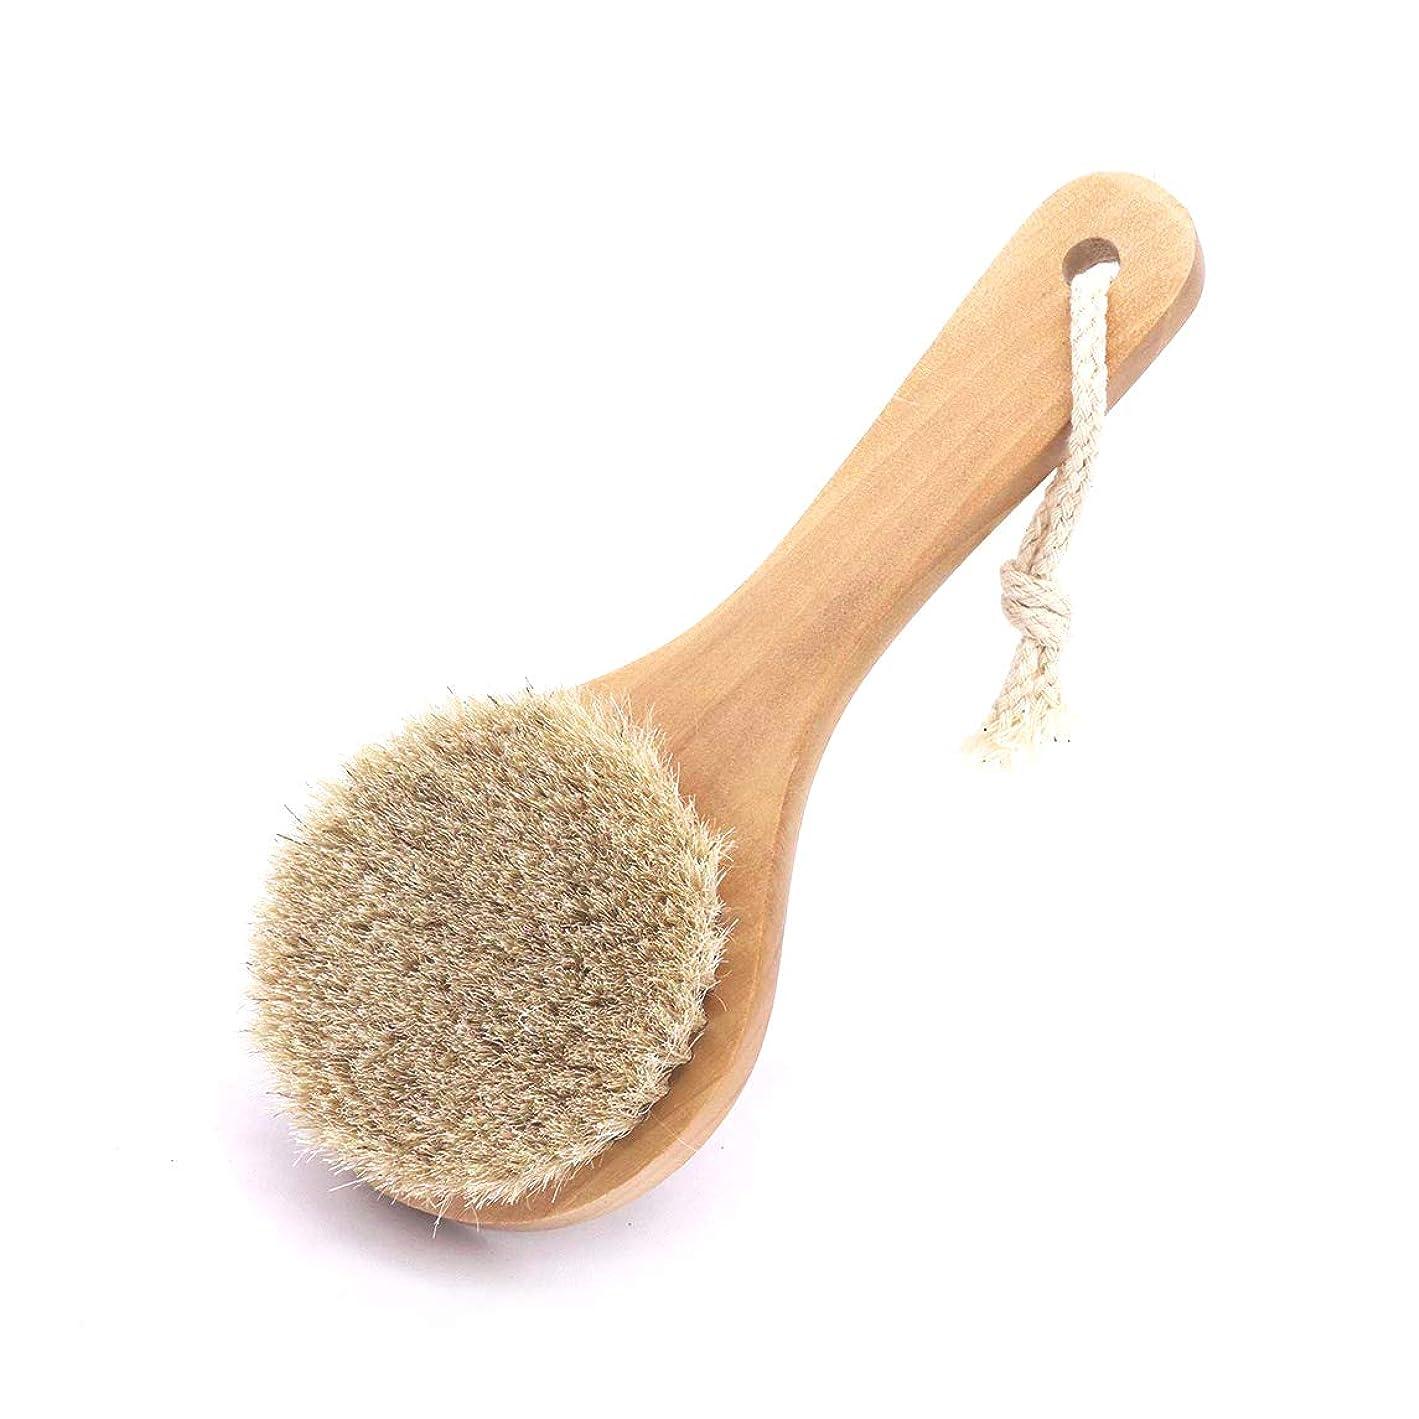 予定尋ねる動機馬毛ボディブラシ 木製 短柄 足を洗う お風呂用 体洗い 女性 角質除去 柔らかい 美肌